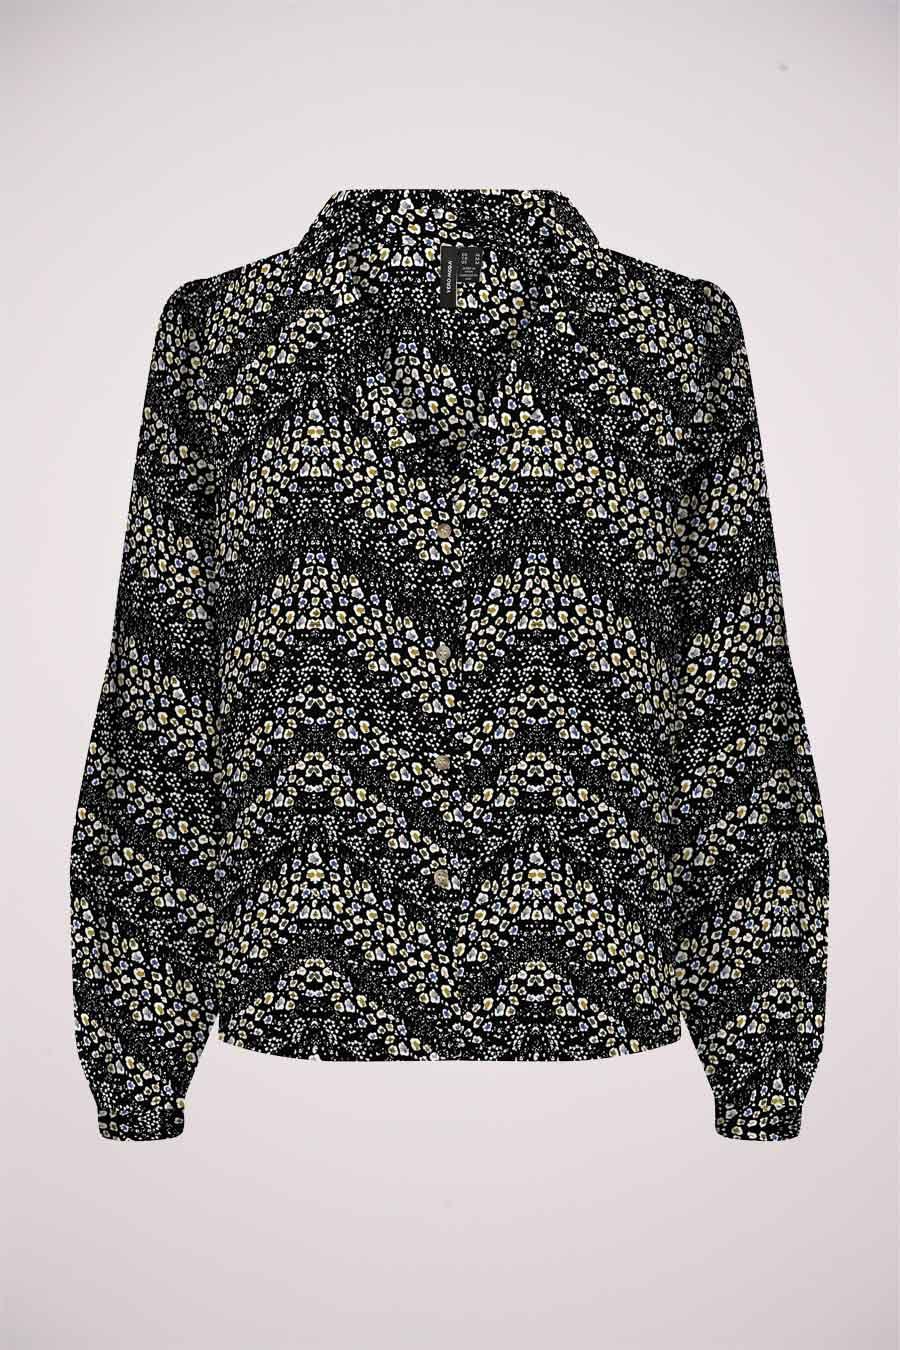 Vero Moda® Blouse lange mouwen, Zwart, Dames, Maat: M/S/XL/XS